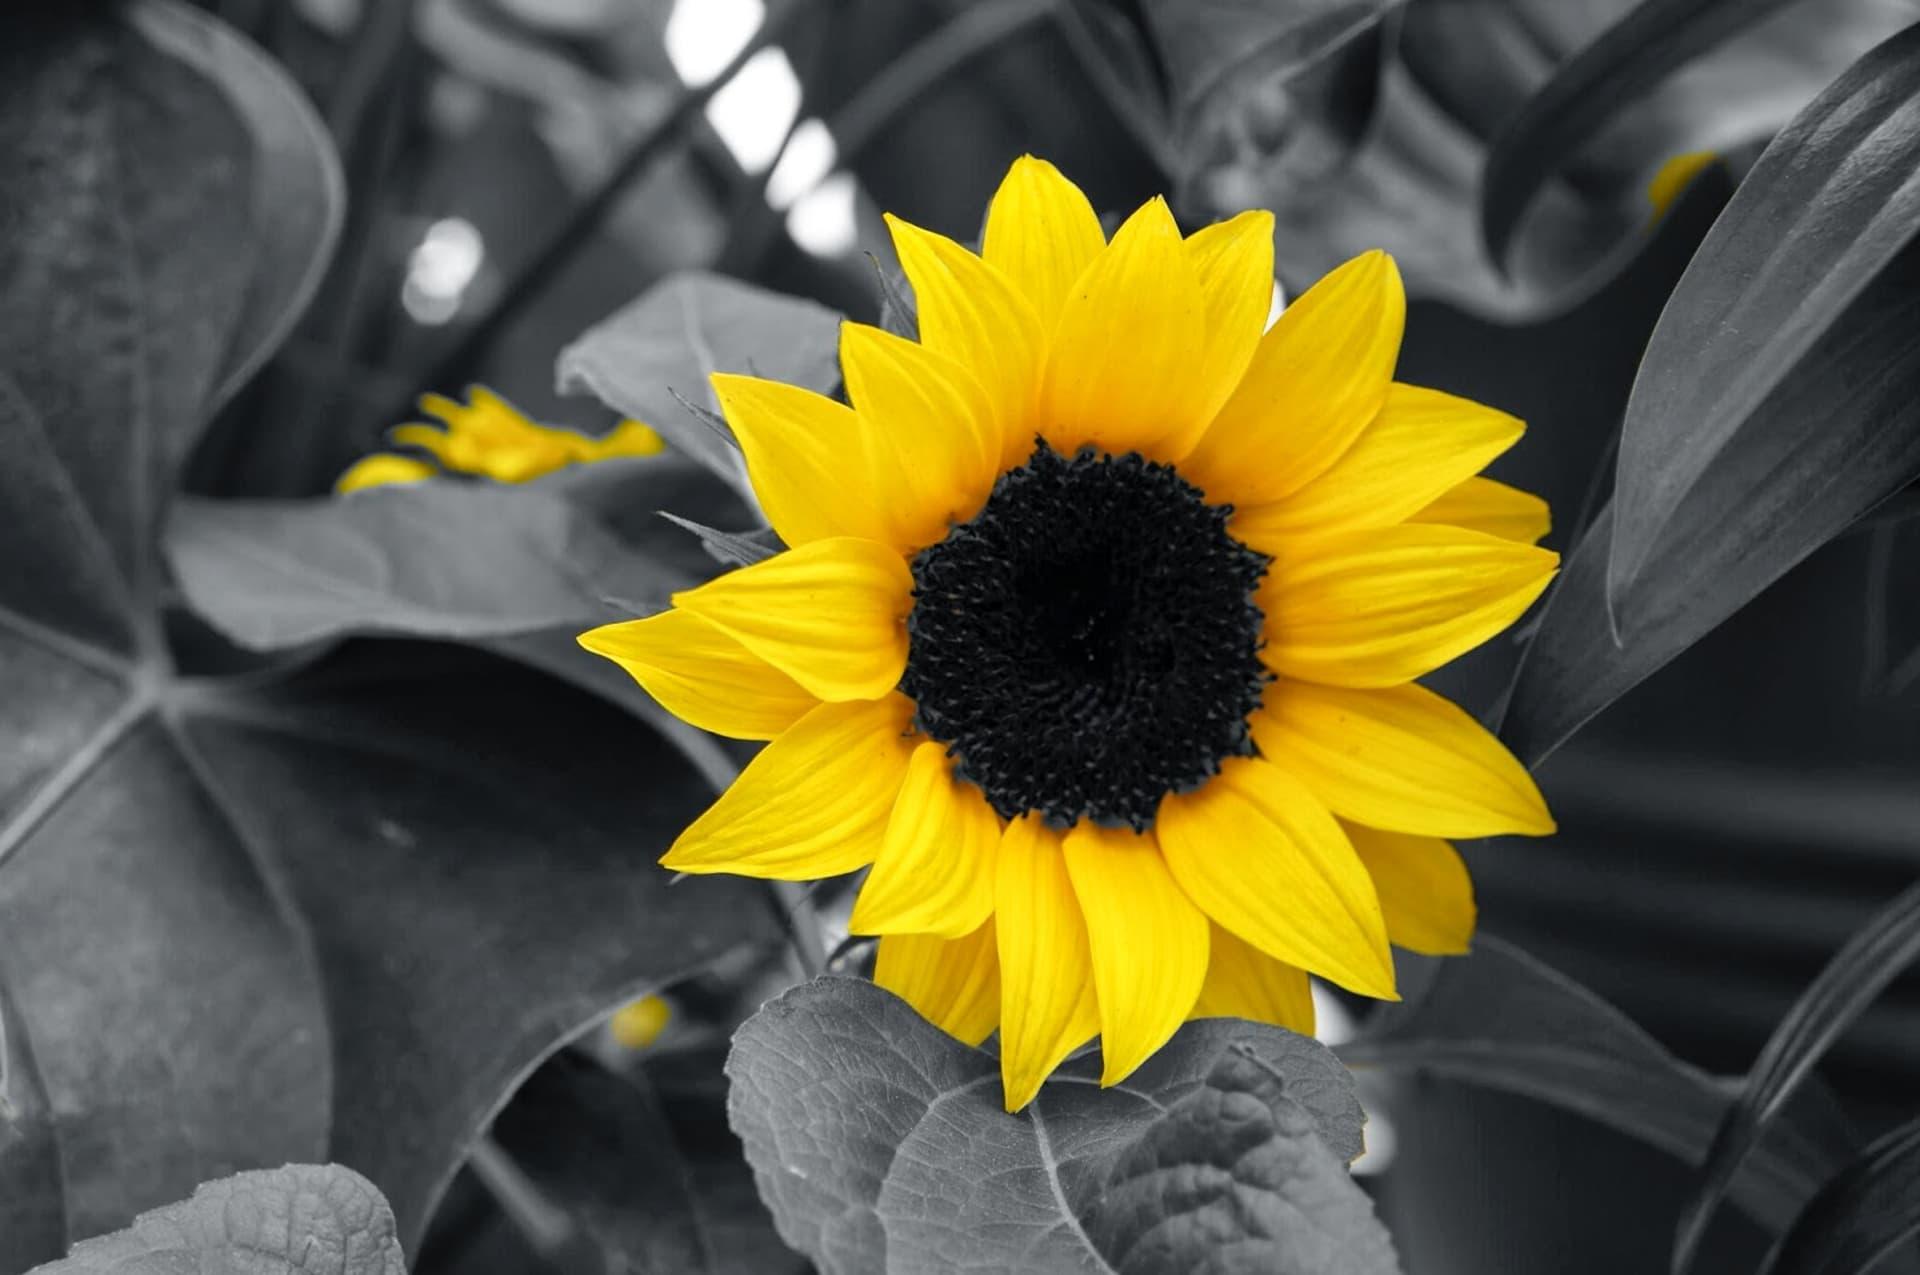 Free Picture Black And White Illumination Monochrome